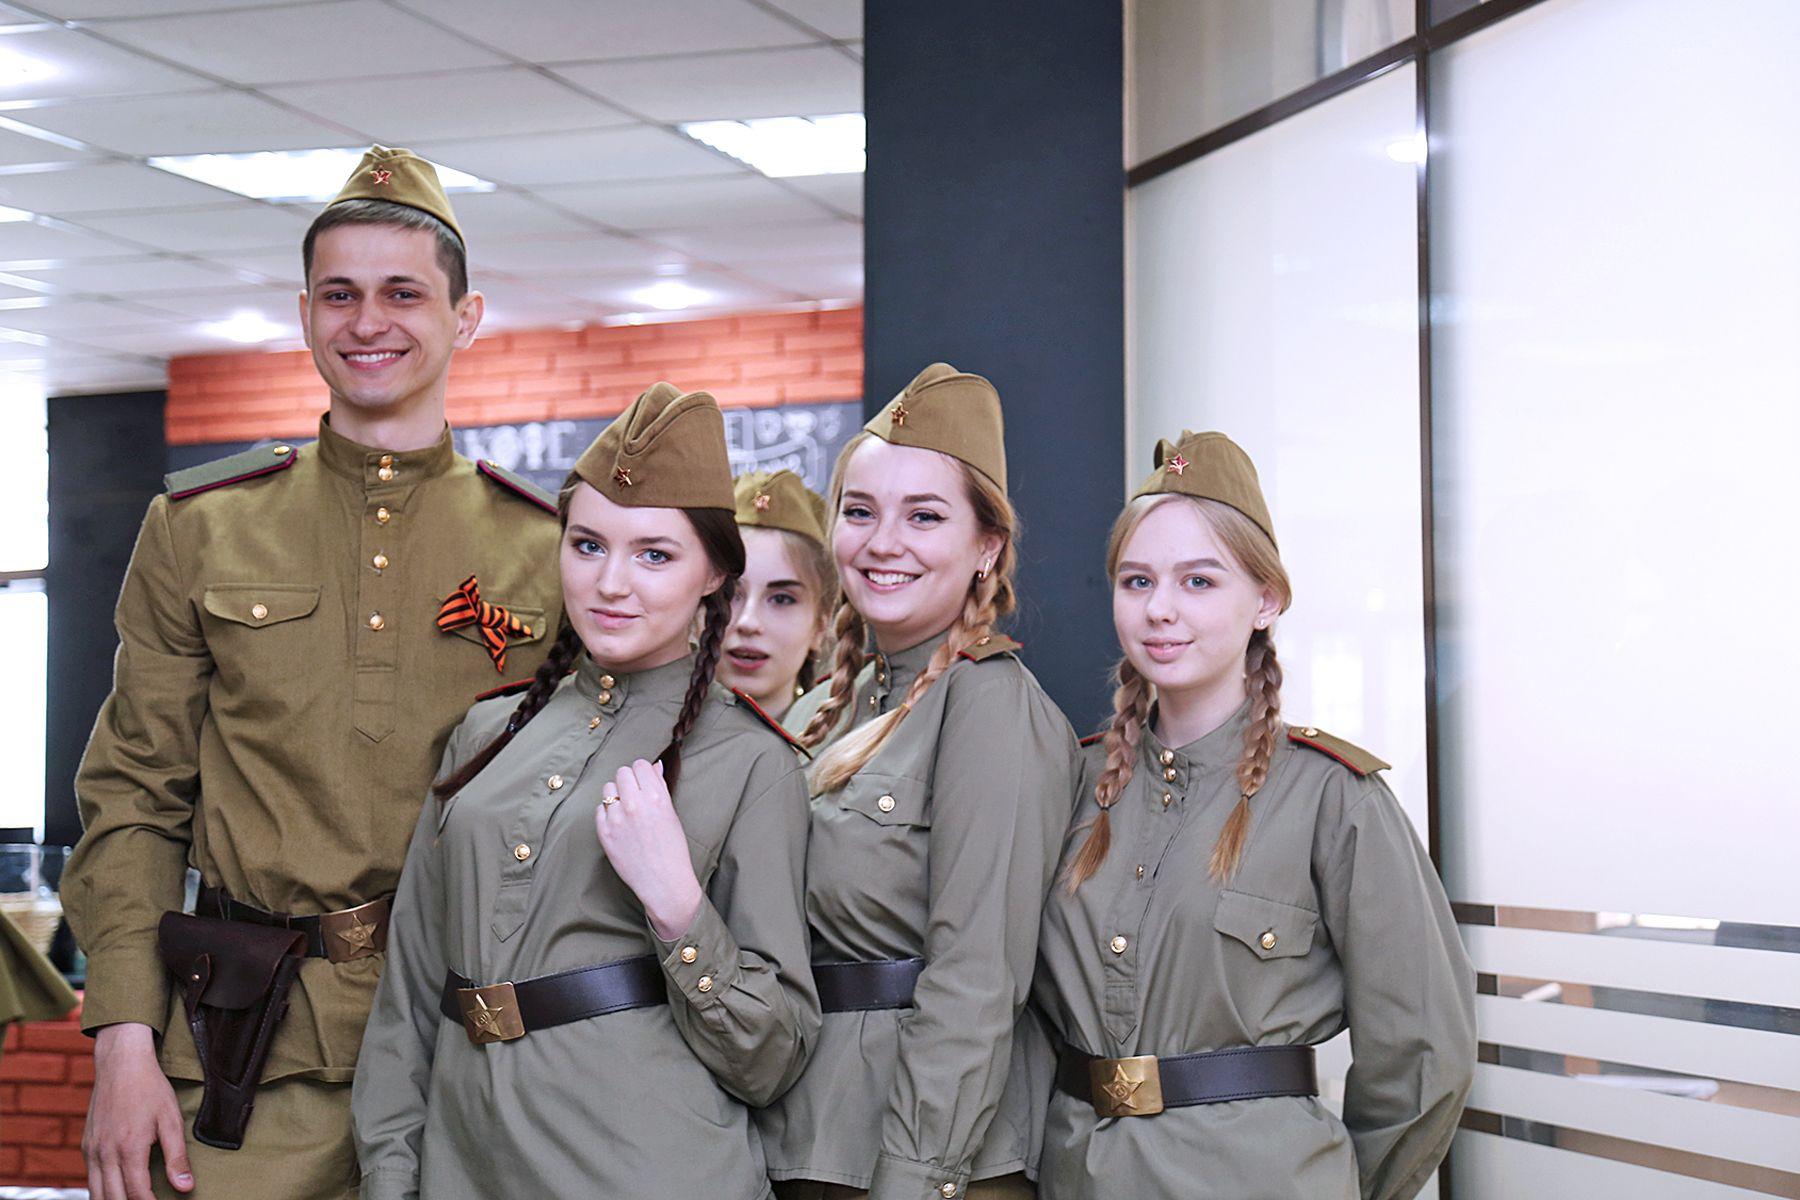 Студенты ВГУЭС смогут пройти военную подготовку с присвоением воинского звания